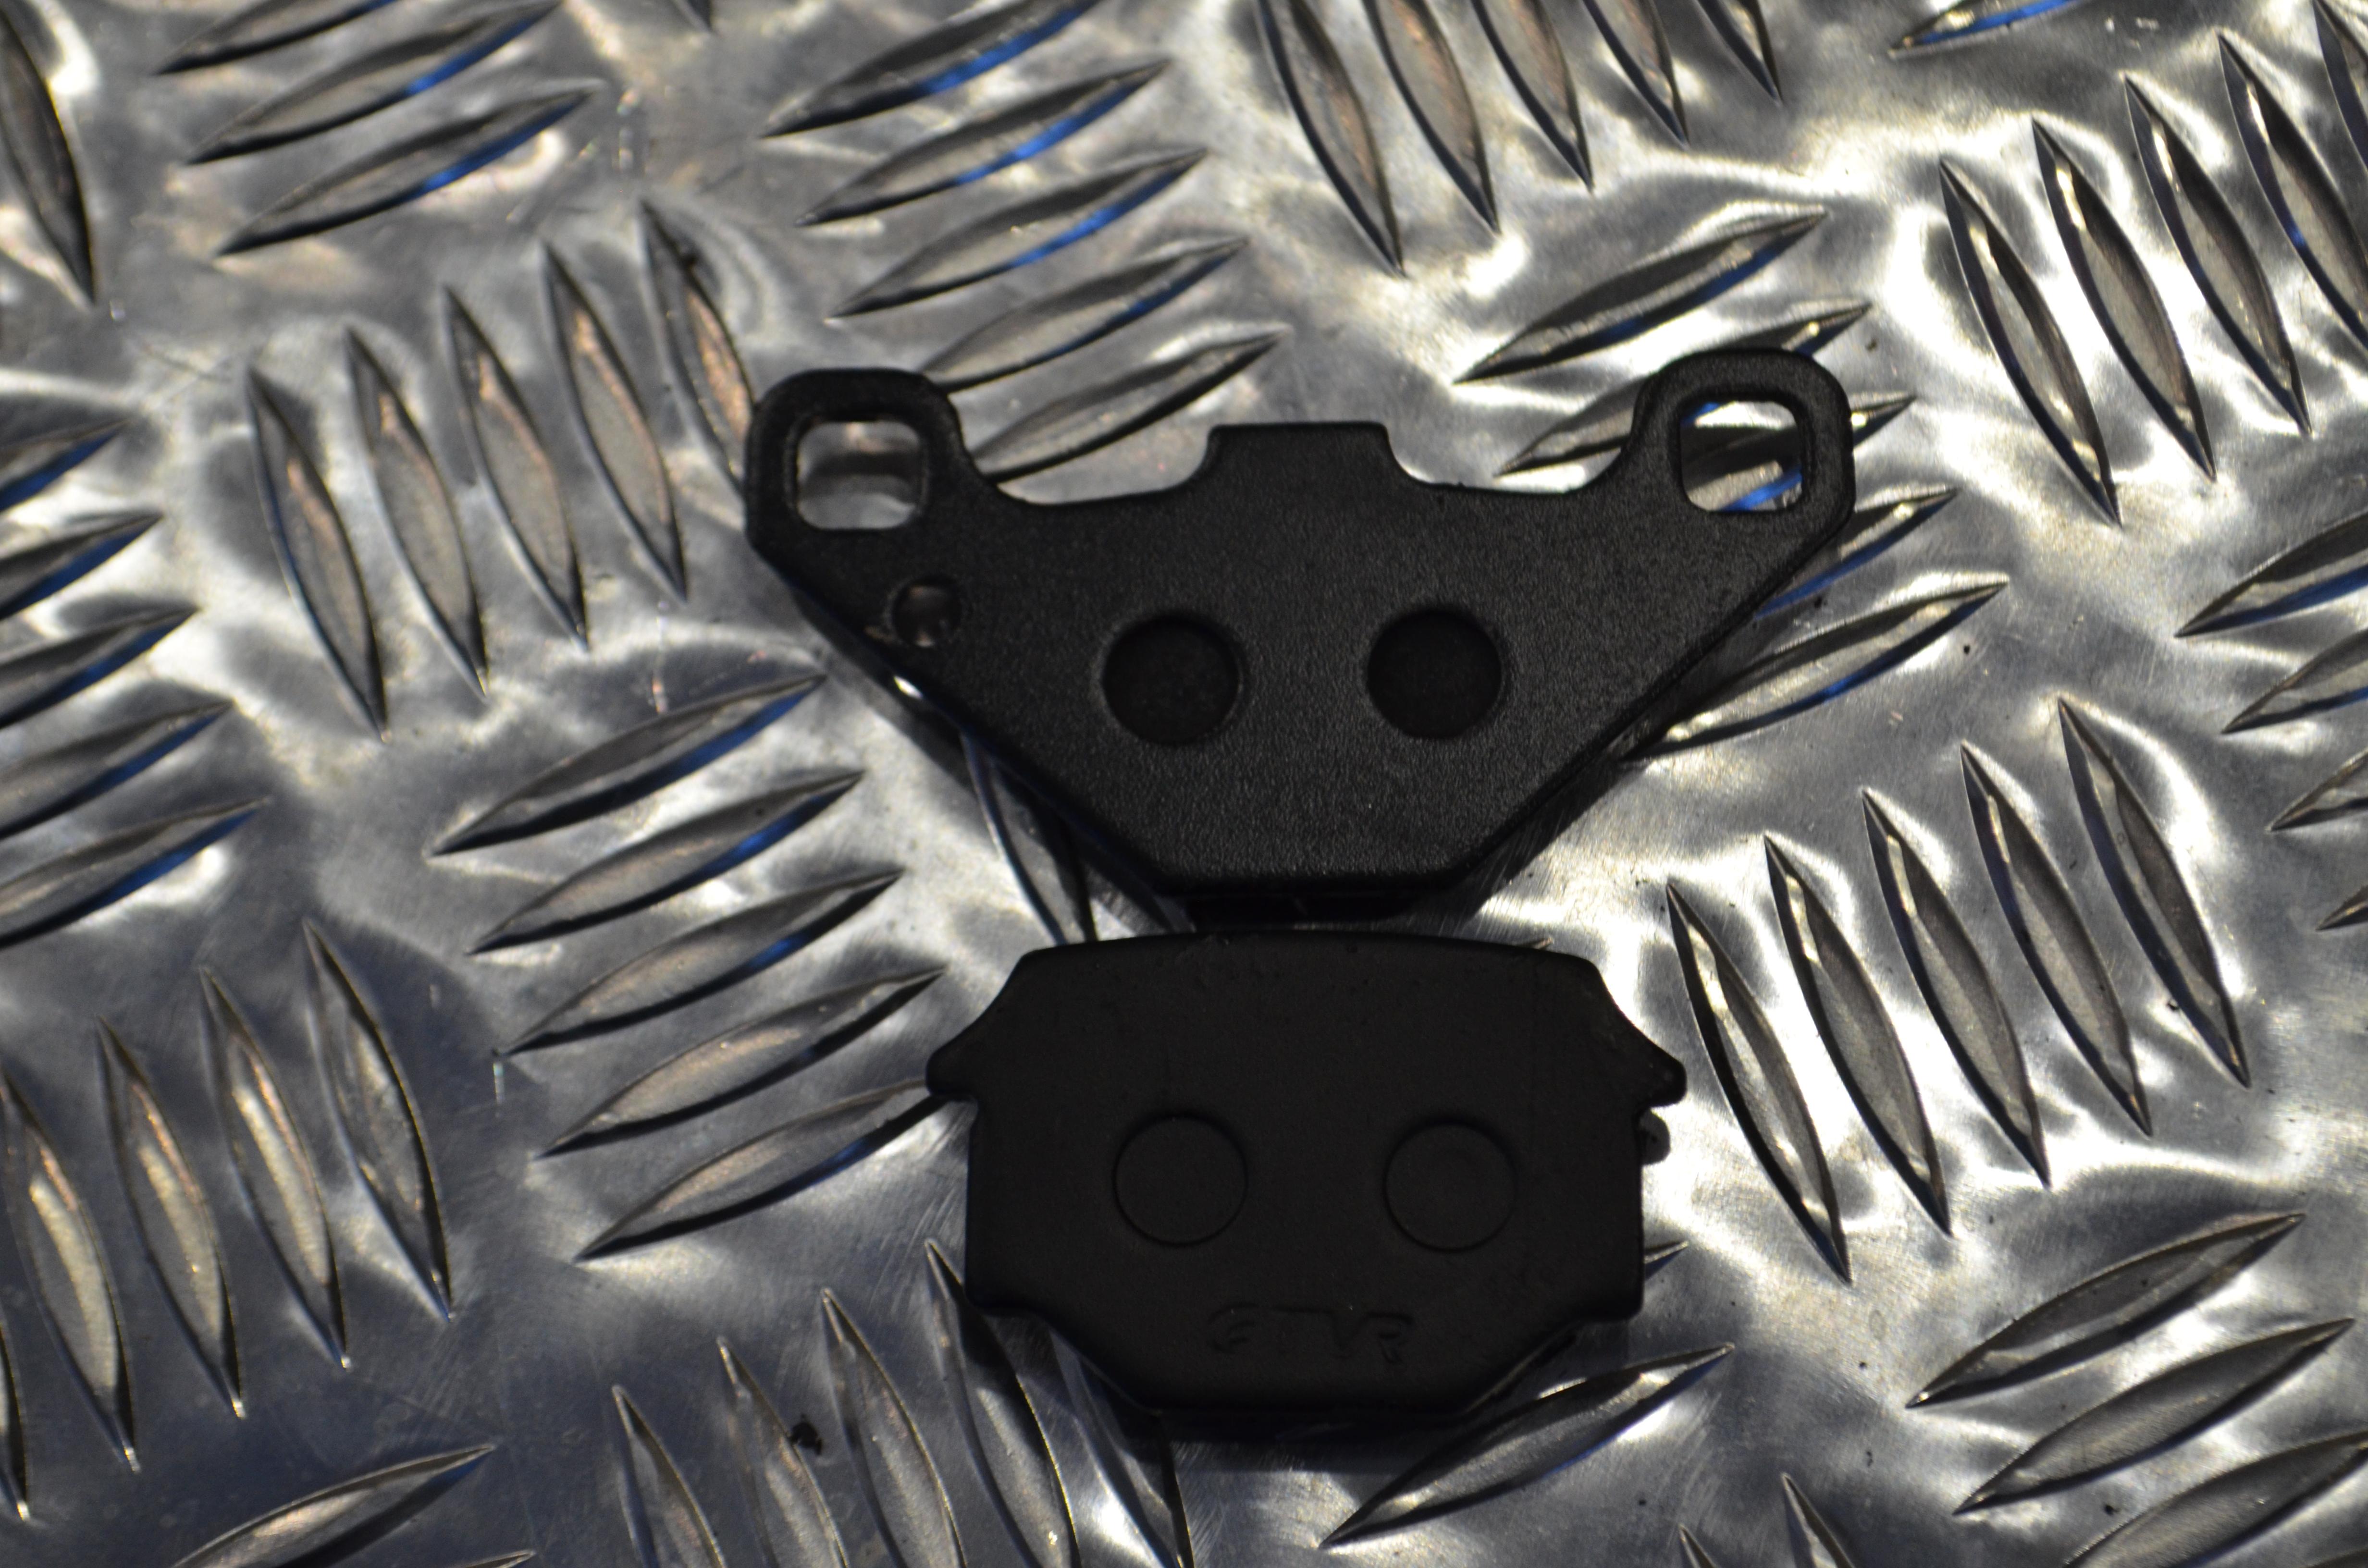 Колодки тормозные задние Bashan BS250S-11B ― Артмото - купить квадроцикл в украине и харькове, мотоцикл, снегоход, скутер, мопед, электромобиль